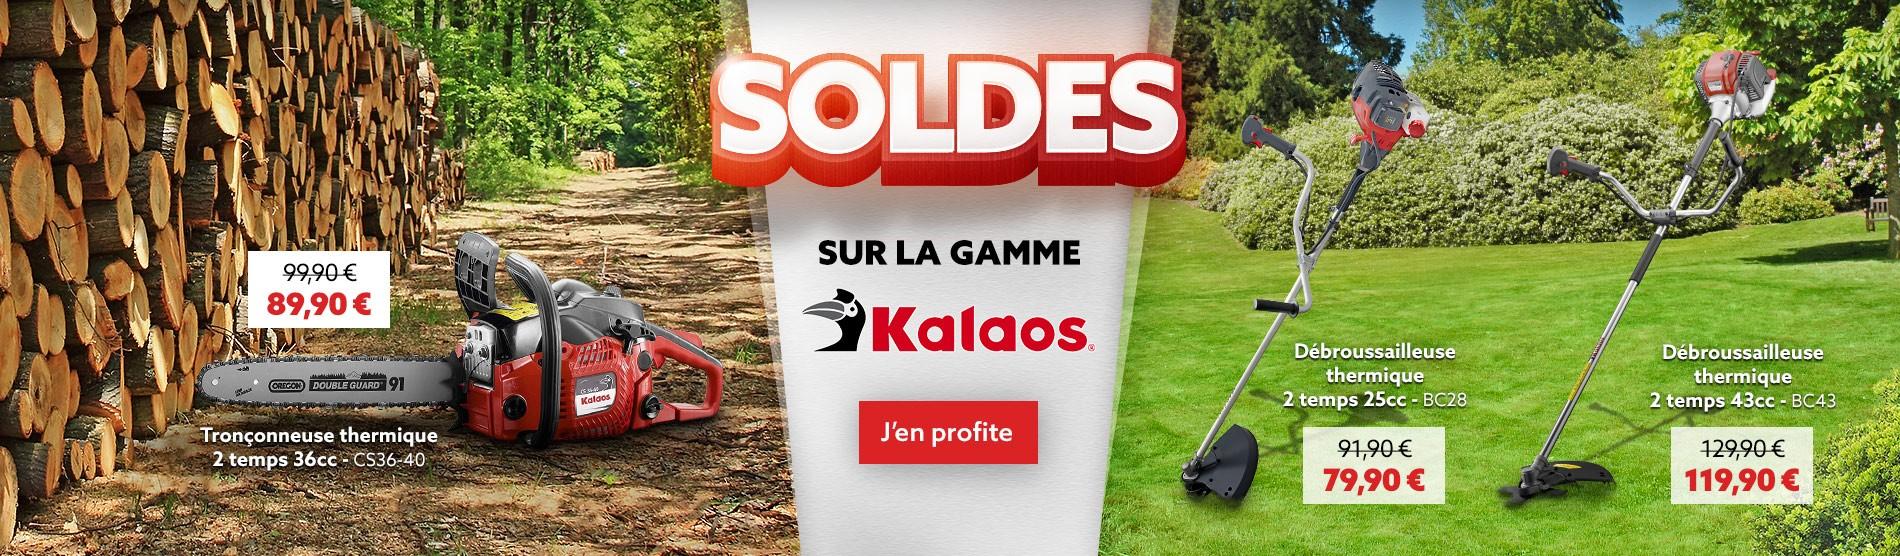 Soldes sur la gamme Kalaos